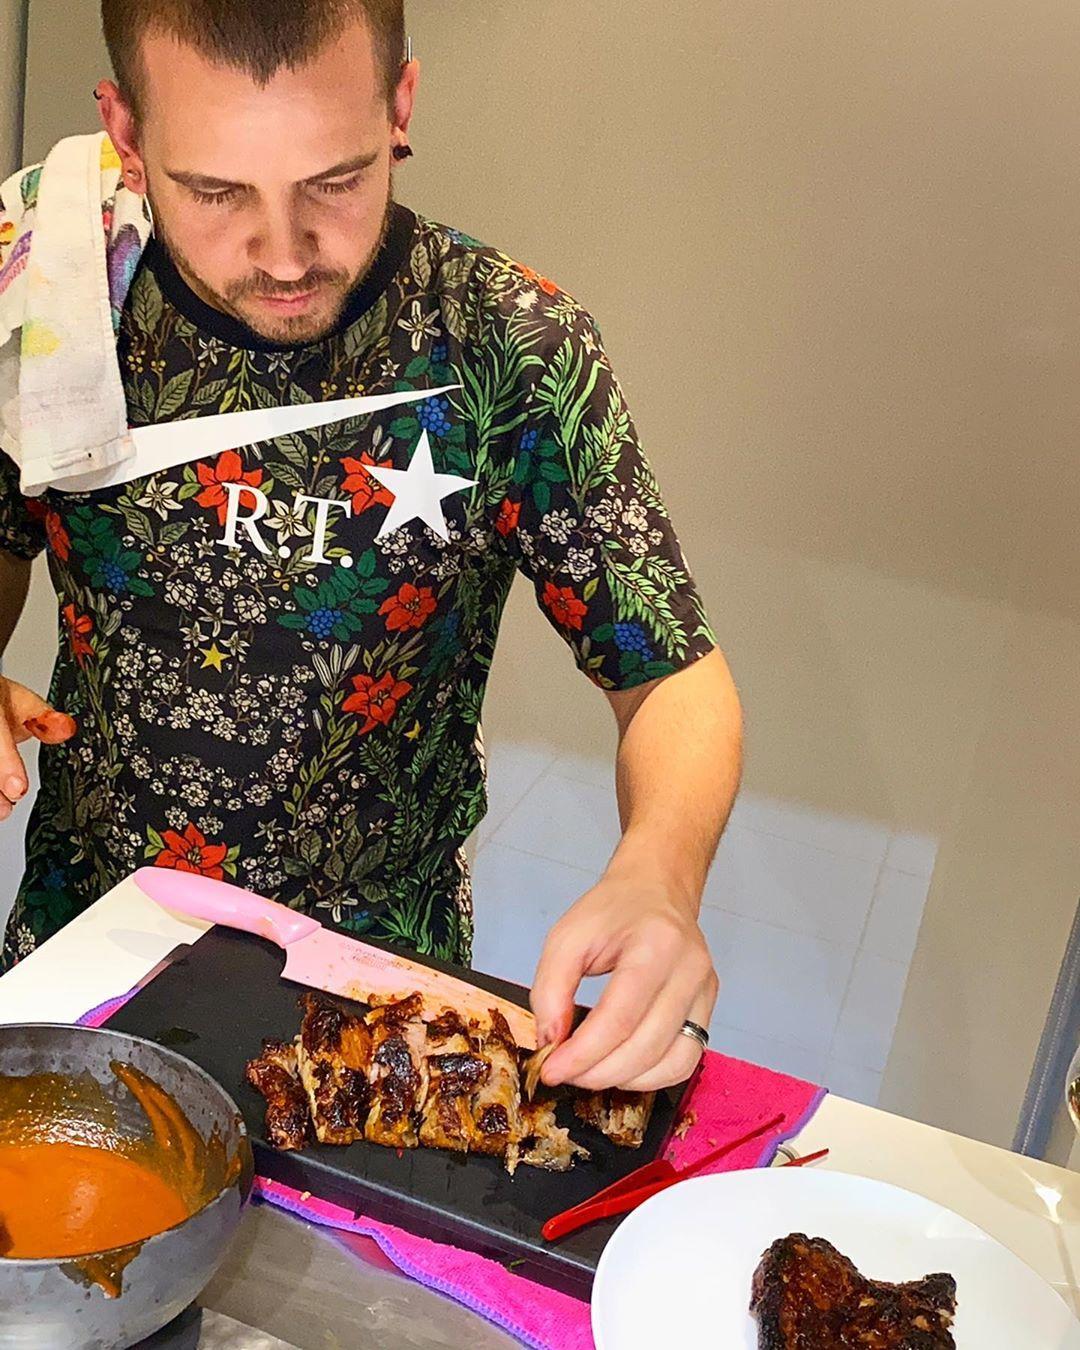 Dabiz Muñoz On Instagram Hoy He Asado Este Costillar De Cerdo Lacado Meloso Y Súper Jugoso Para Hacer Unos Tacos De Maíz Espect Dabiz Muñoz Asado Diverxo